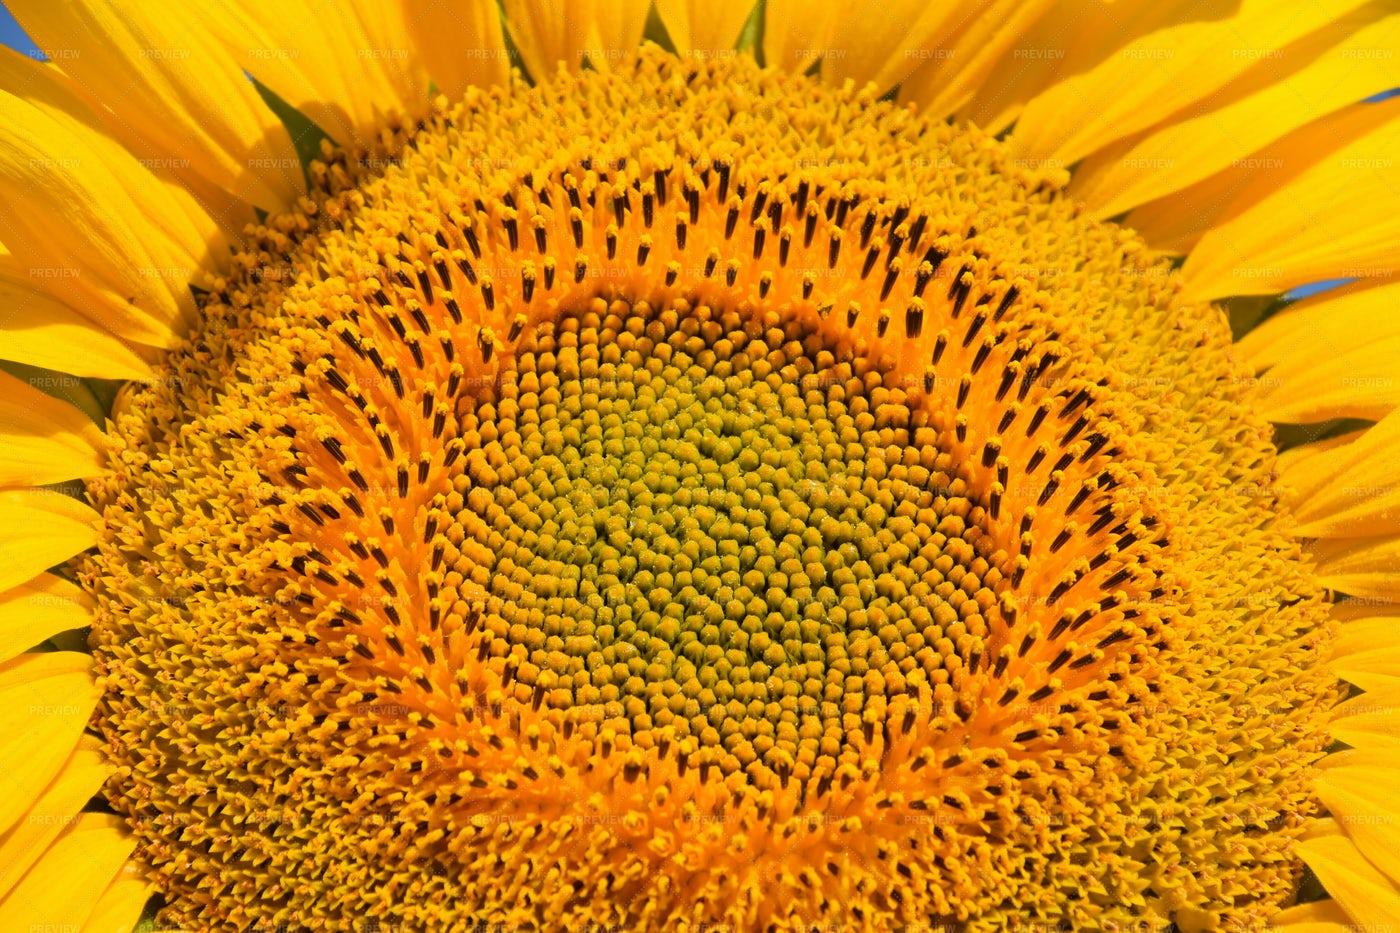 Young Sunflower Close Up: Stock Photos